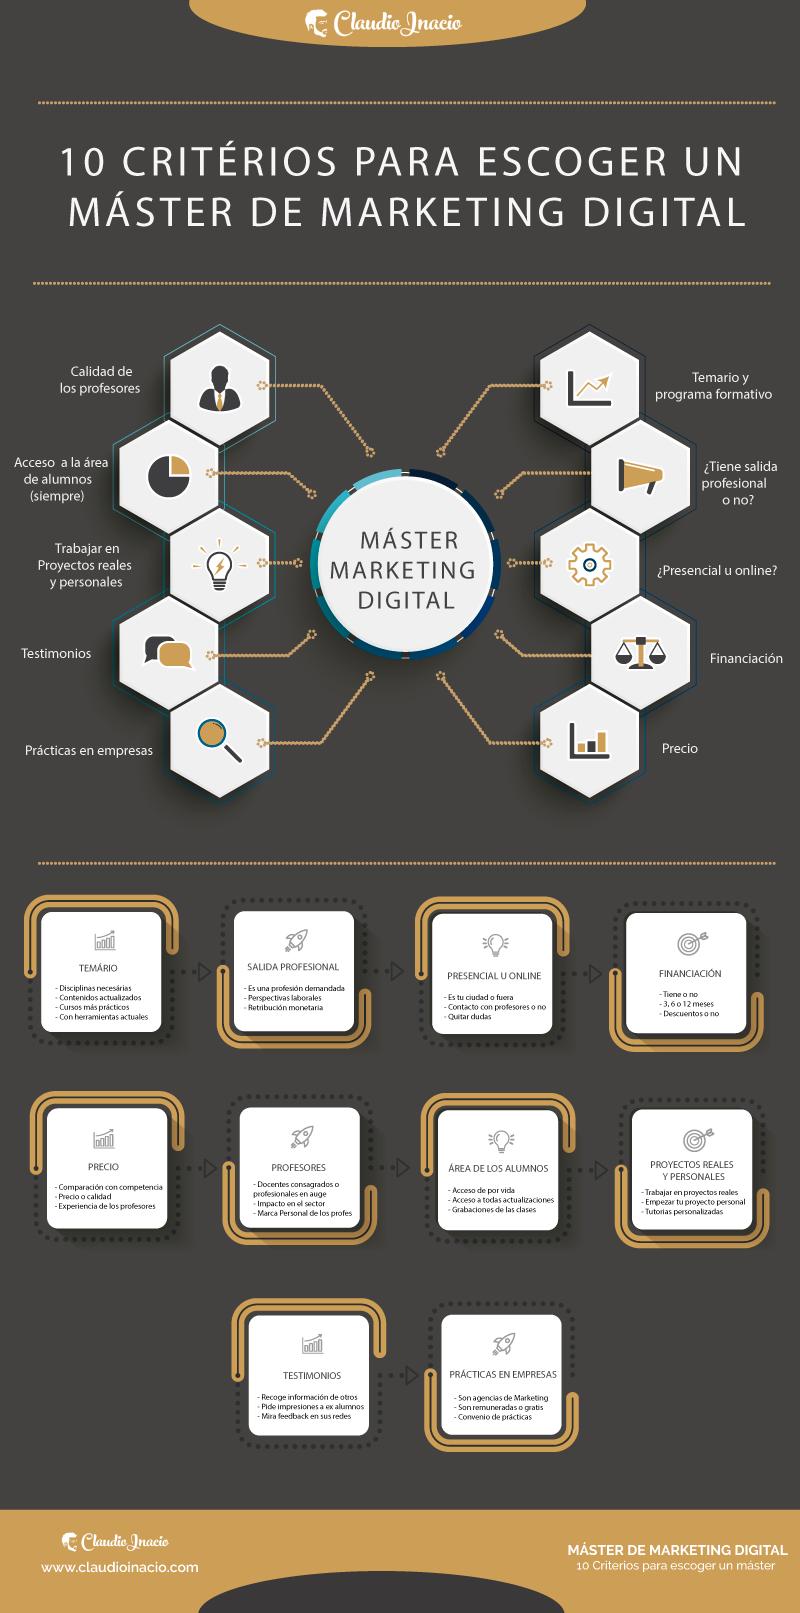 infografia con 10 criterios a tener en cuenta al escoger un máster de marketing digital